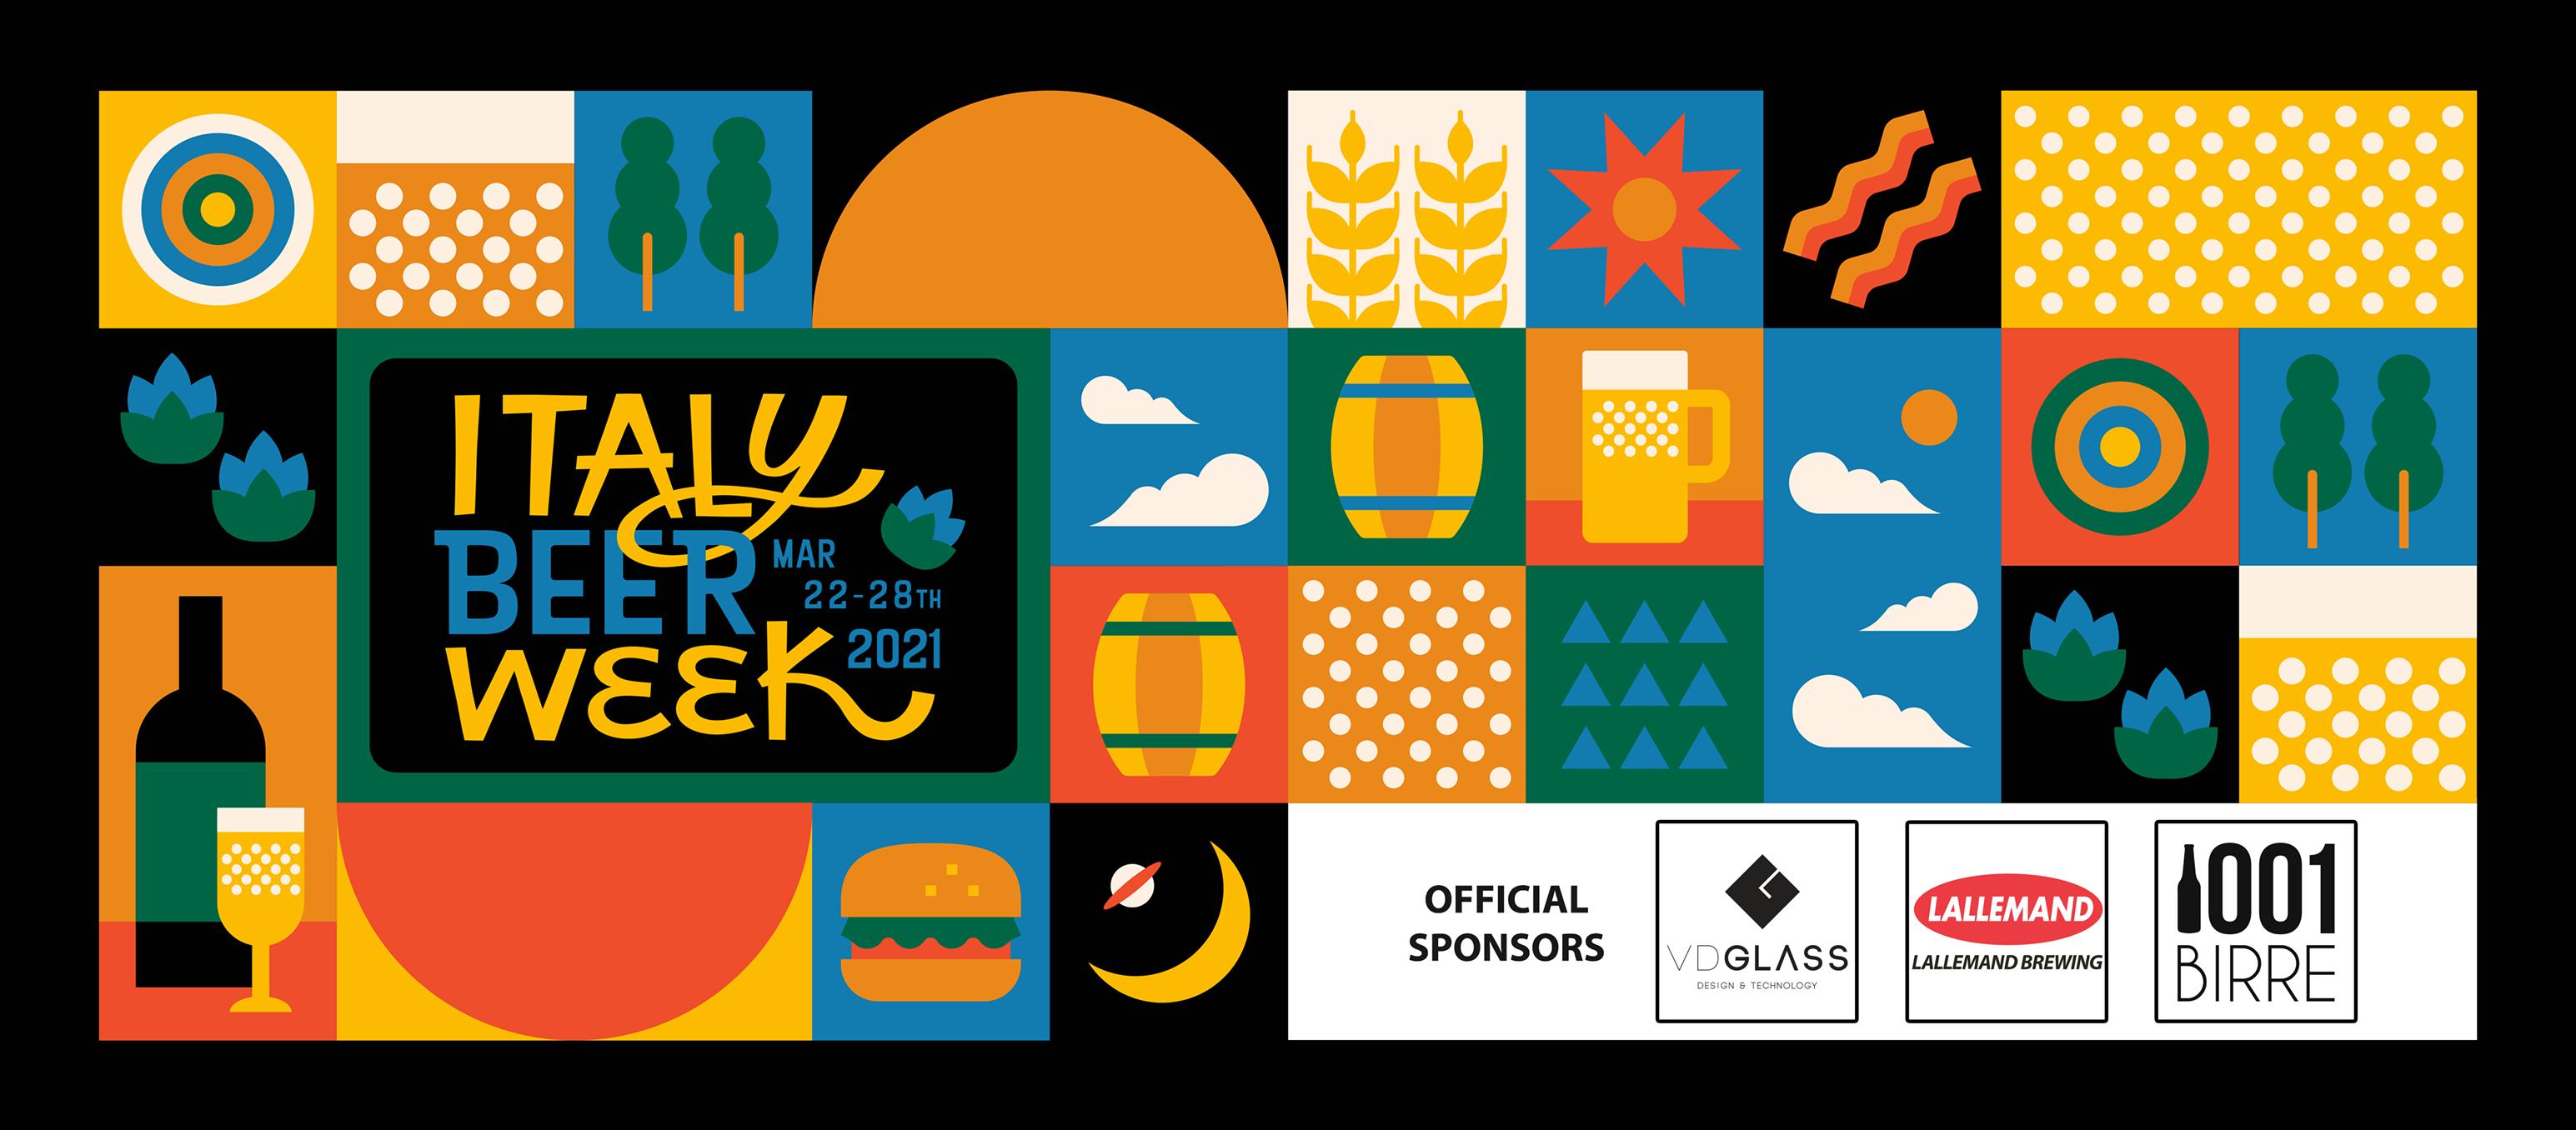 italy beer week settimana della birra artigianale 2021